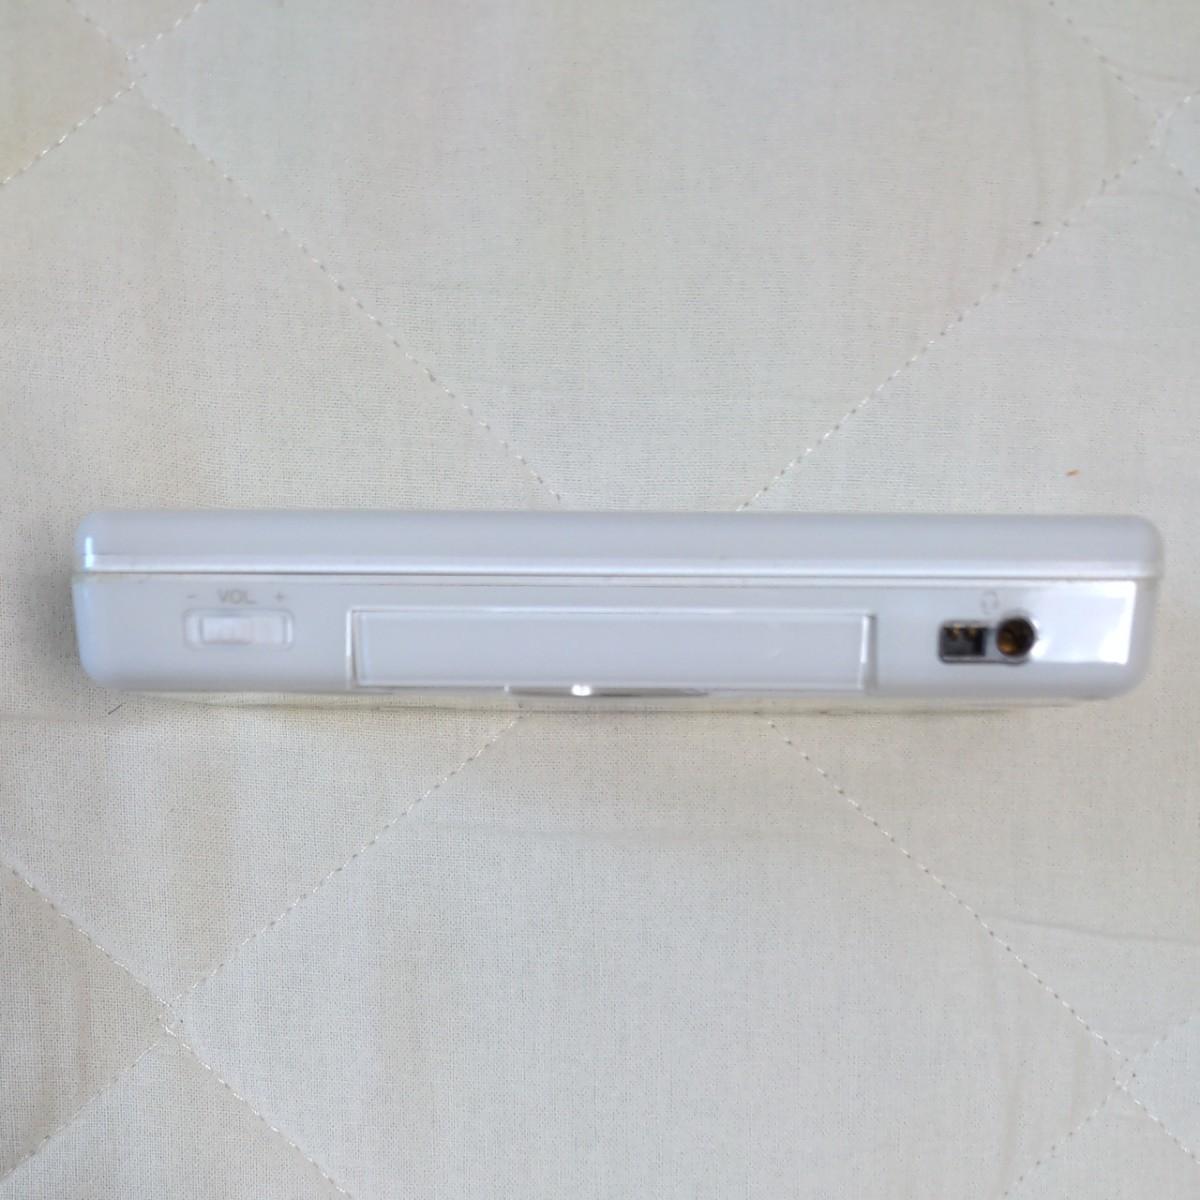 ニンテンドーDS Lite 動作確認済み 少し美品